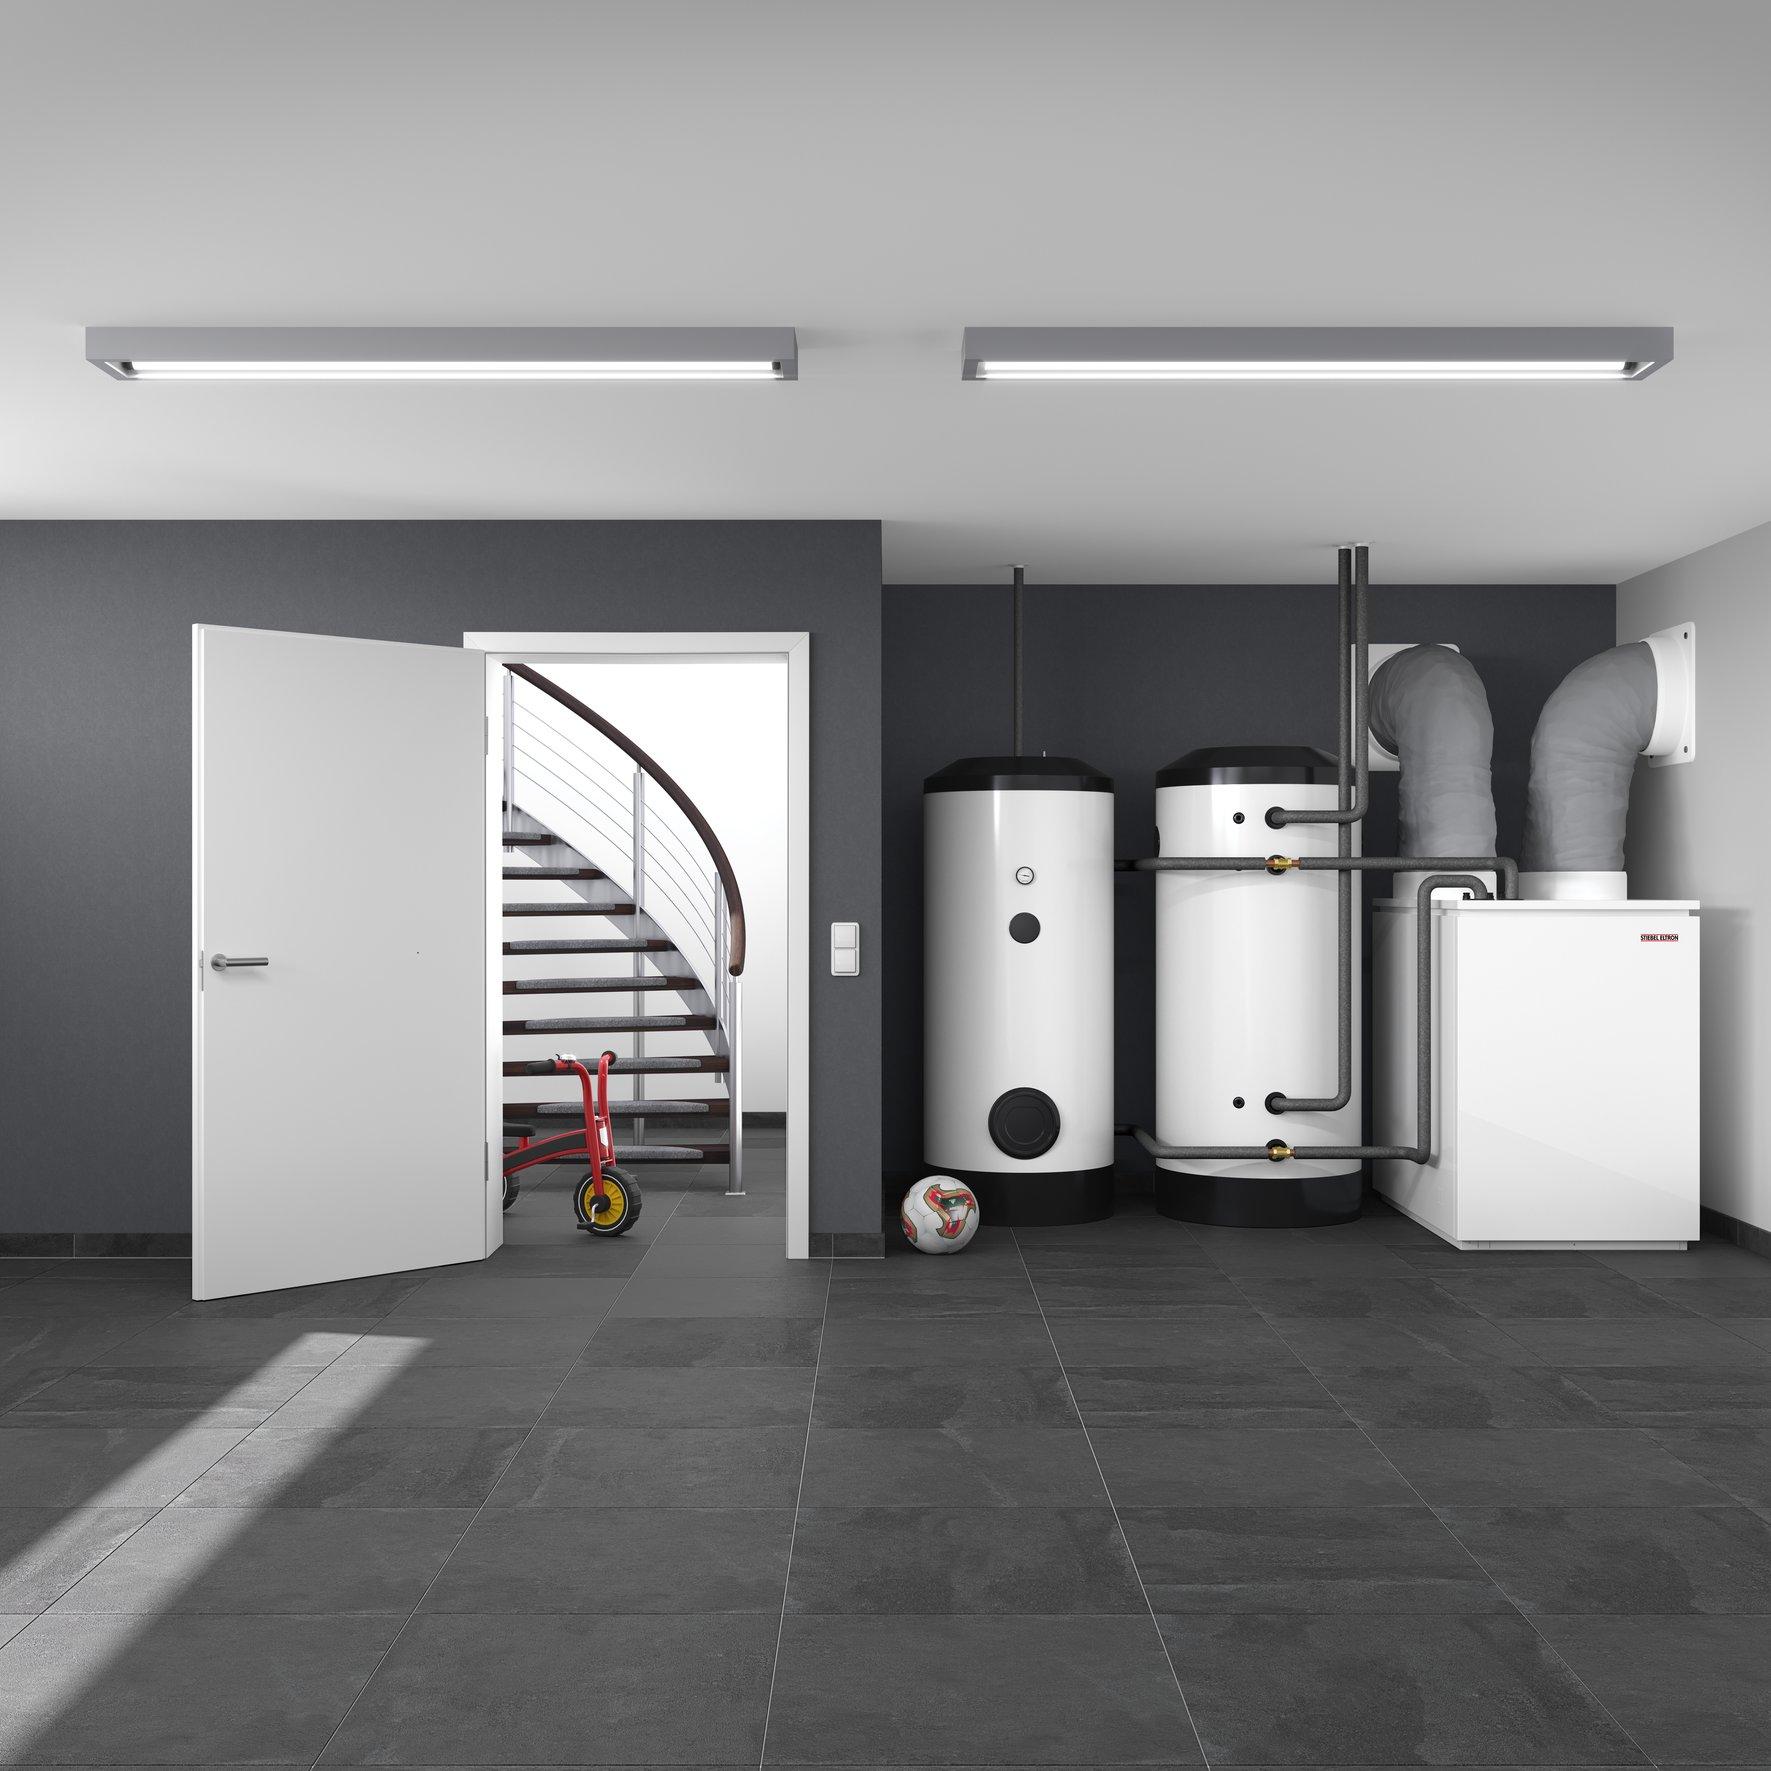 wer hat eine luft wasser w rmepumpe kinderzimmer 2017. Black Bedroom Furniture Sets. Home Design Ideas